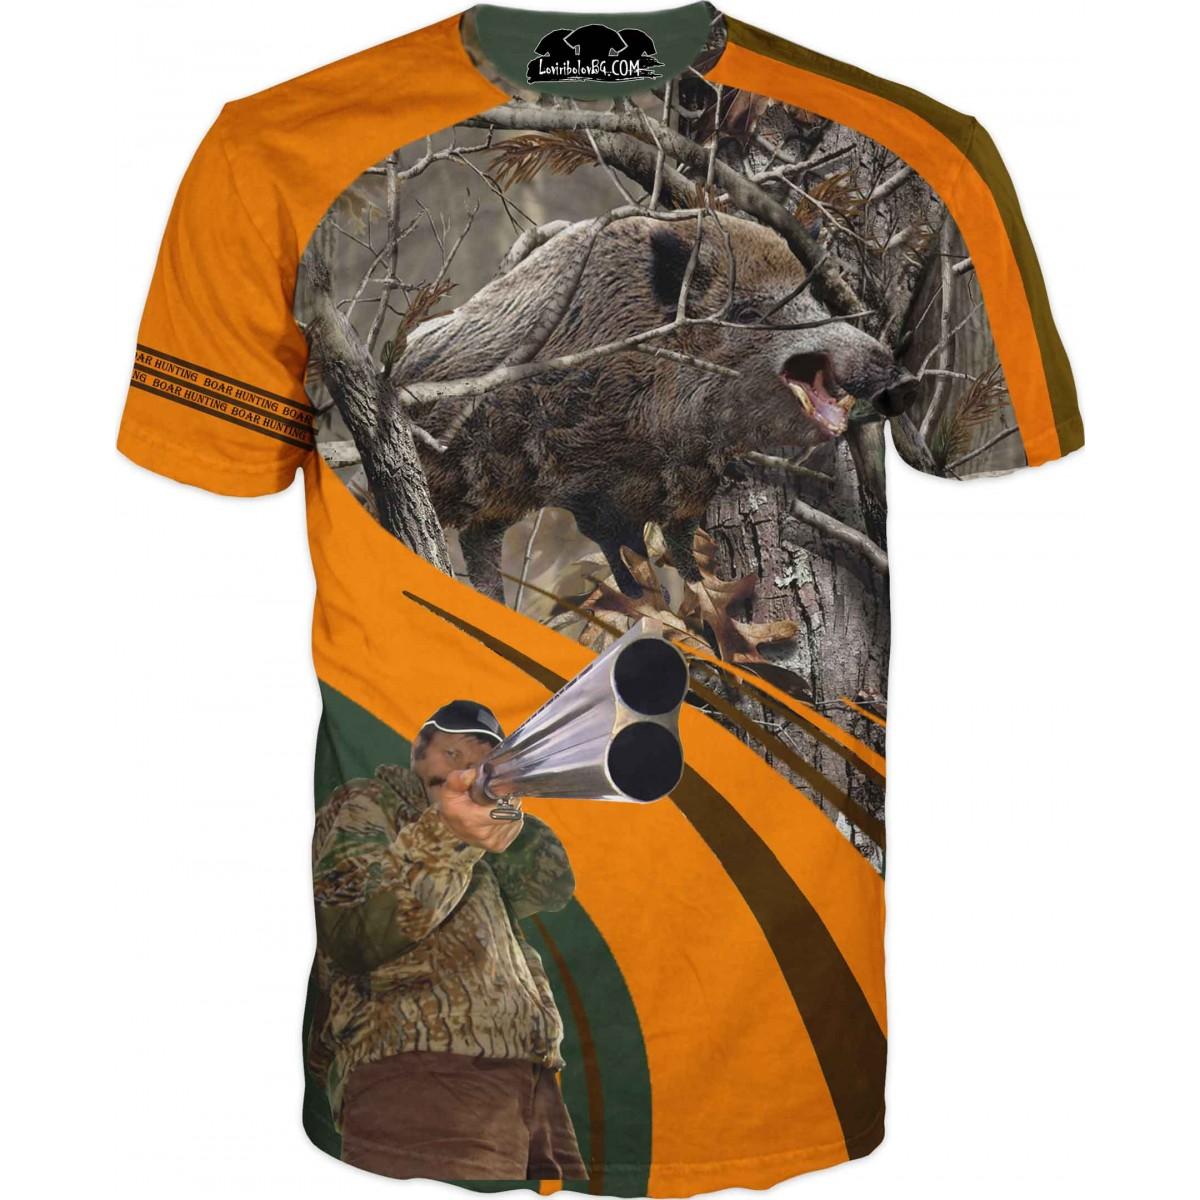 Ловна тениска с глиган и ловец с пушка